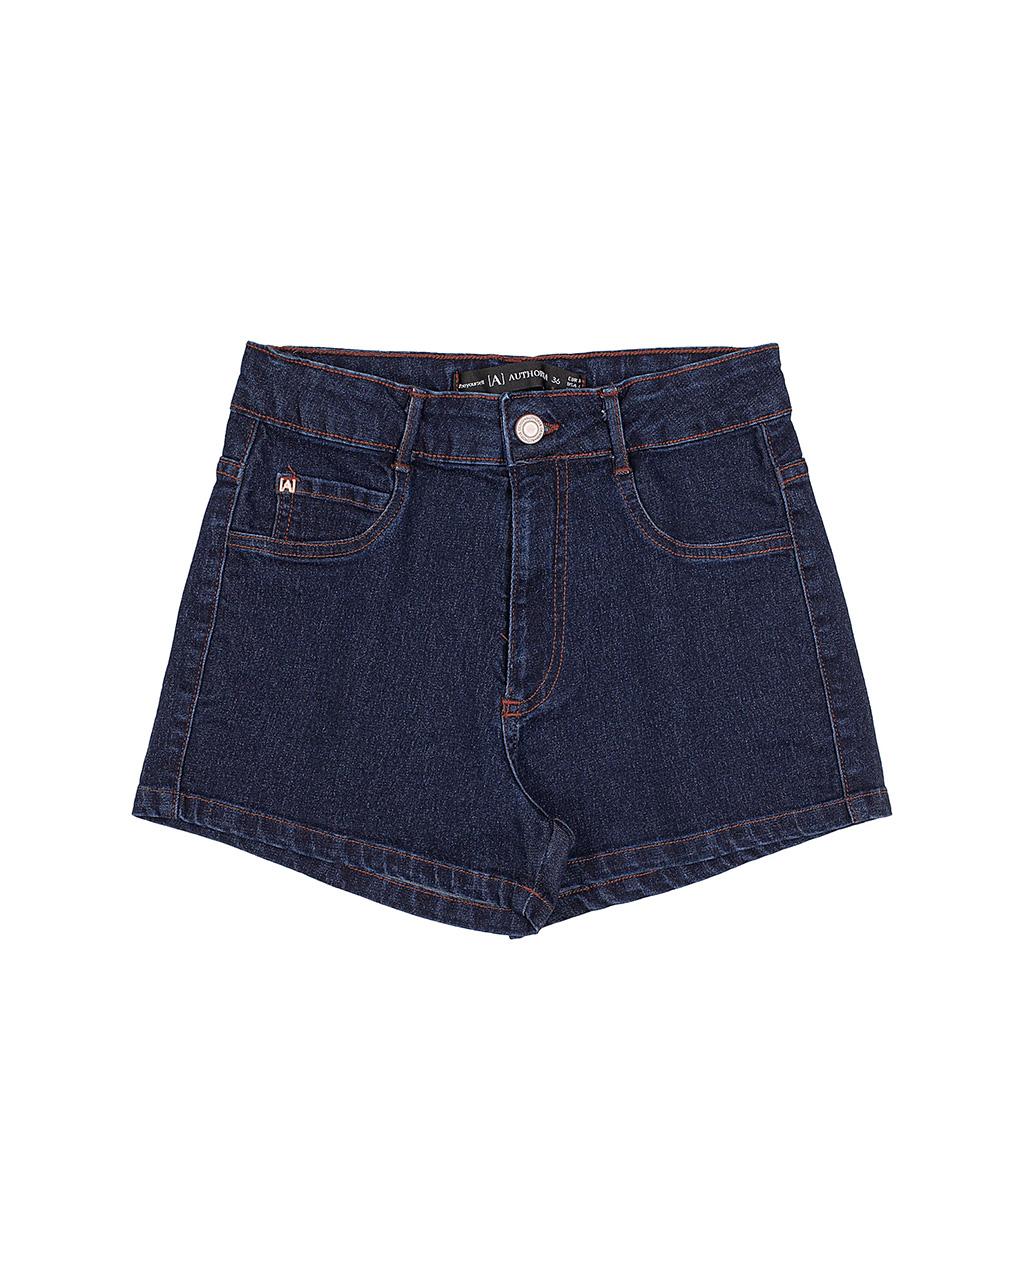 Shorts Jeans Escuro Basic Authoria